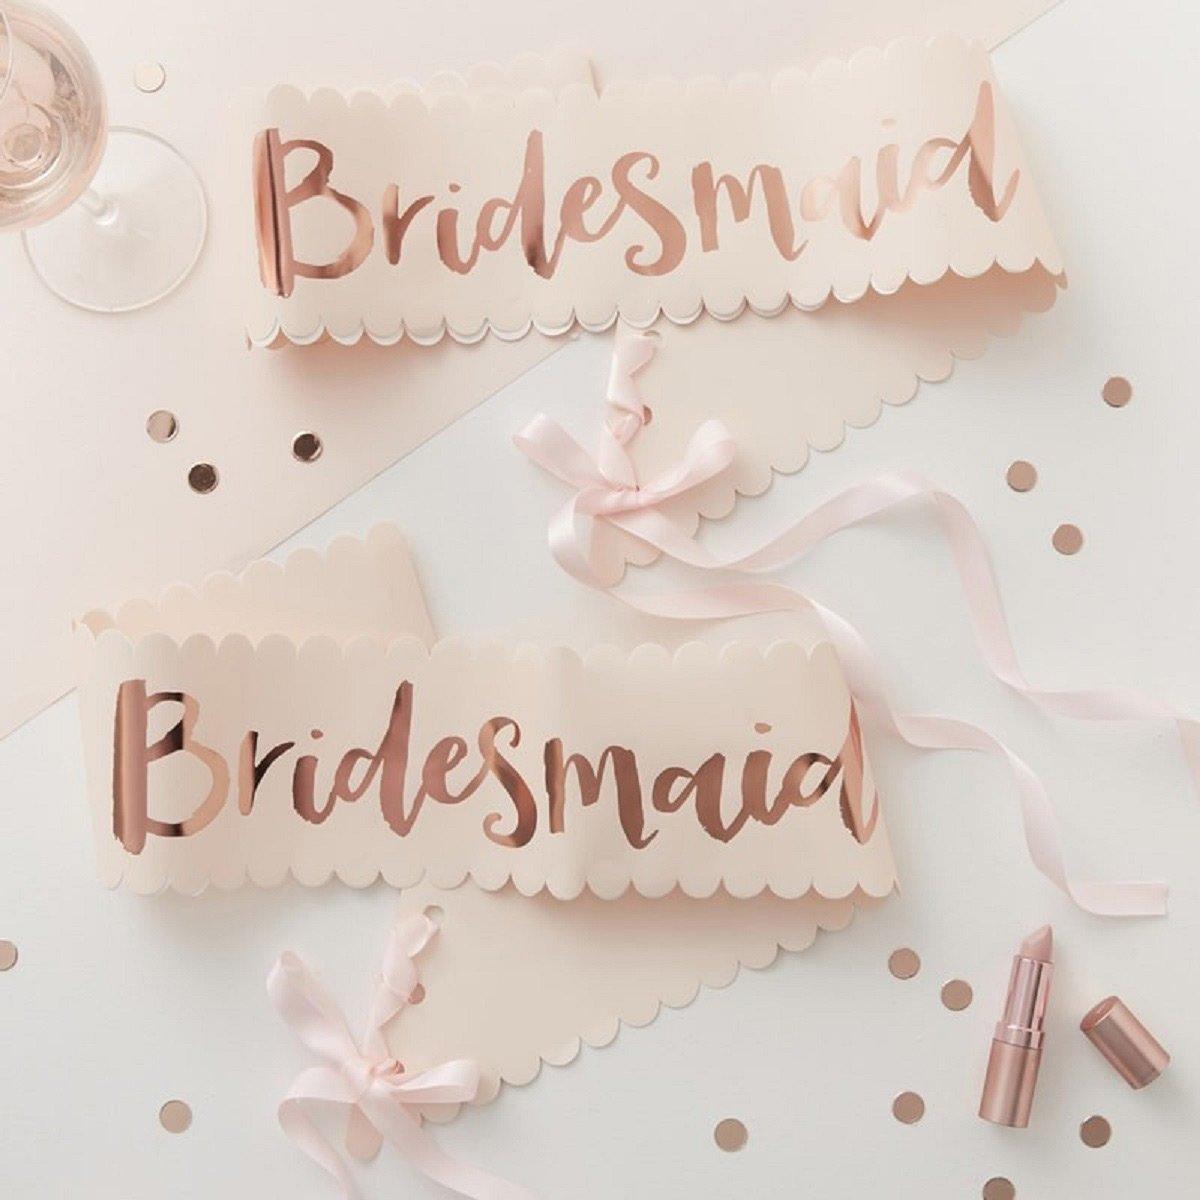 Bridesmaid Schärpe: Die perfekten Accessoires für euren Junggesellinnenabschied / JGA